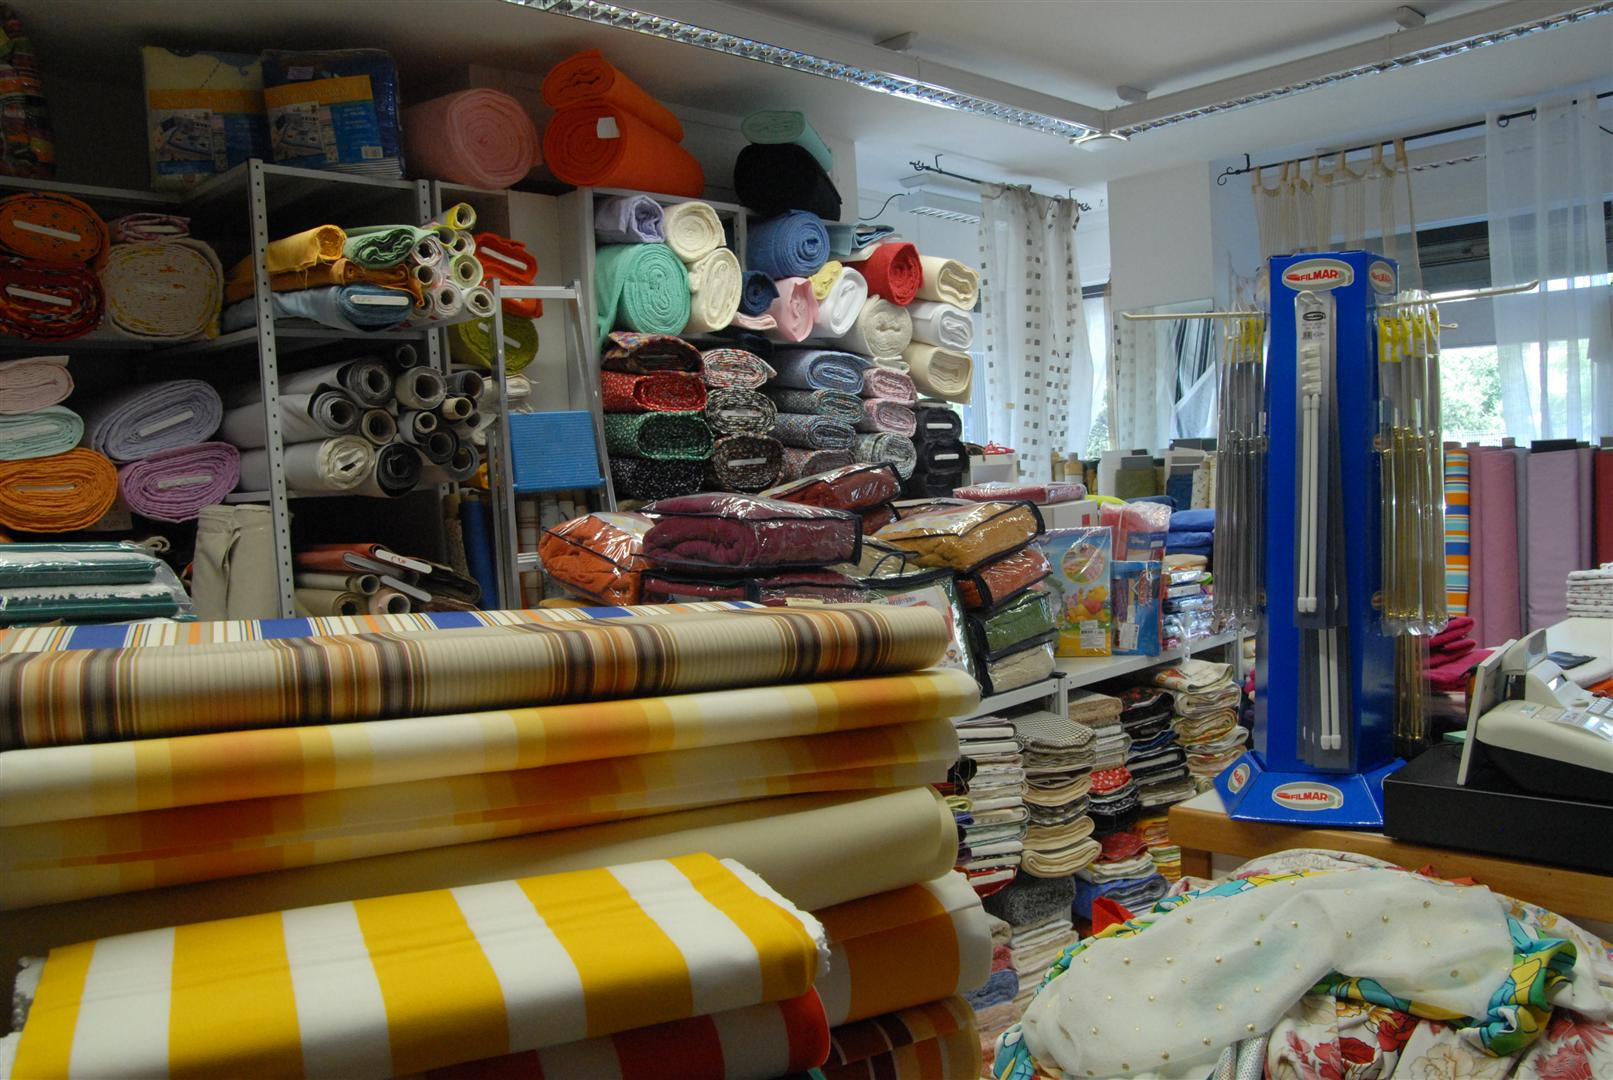 Ottorosso sesto fiorentino official website via della querciola 85 tessuti tendaggi stoffa - Biancheria di lusso per la casa ...